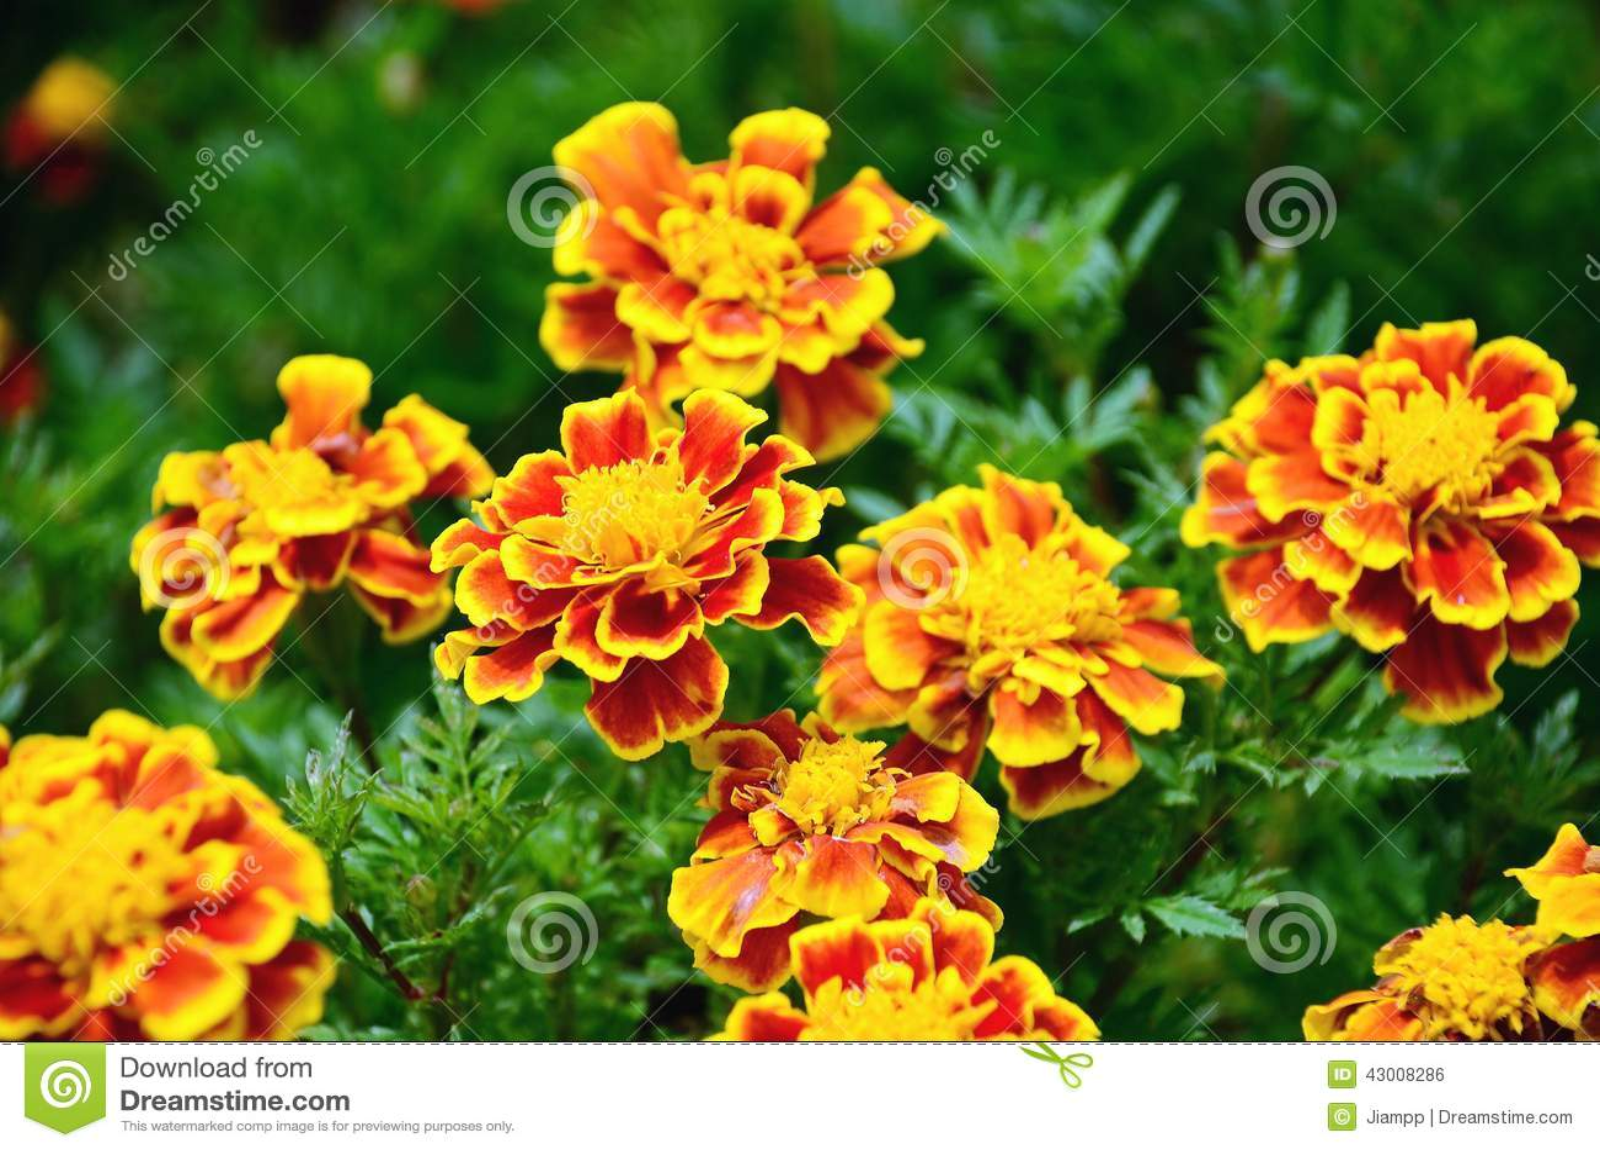 la fleur jaune et rouge dans le jardin a brill au soleil. Black Bedroom Furniture Sets. Home Design Ideas